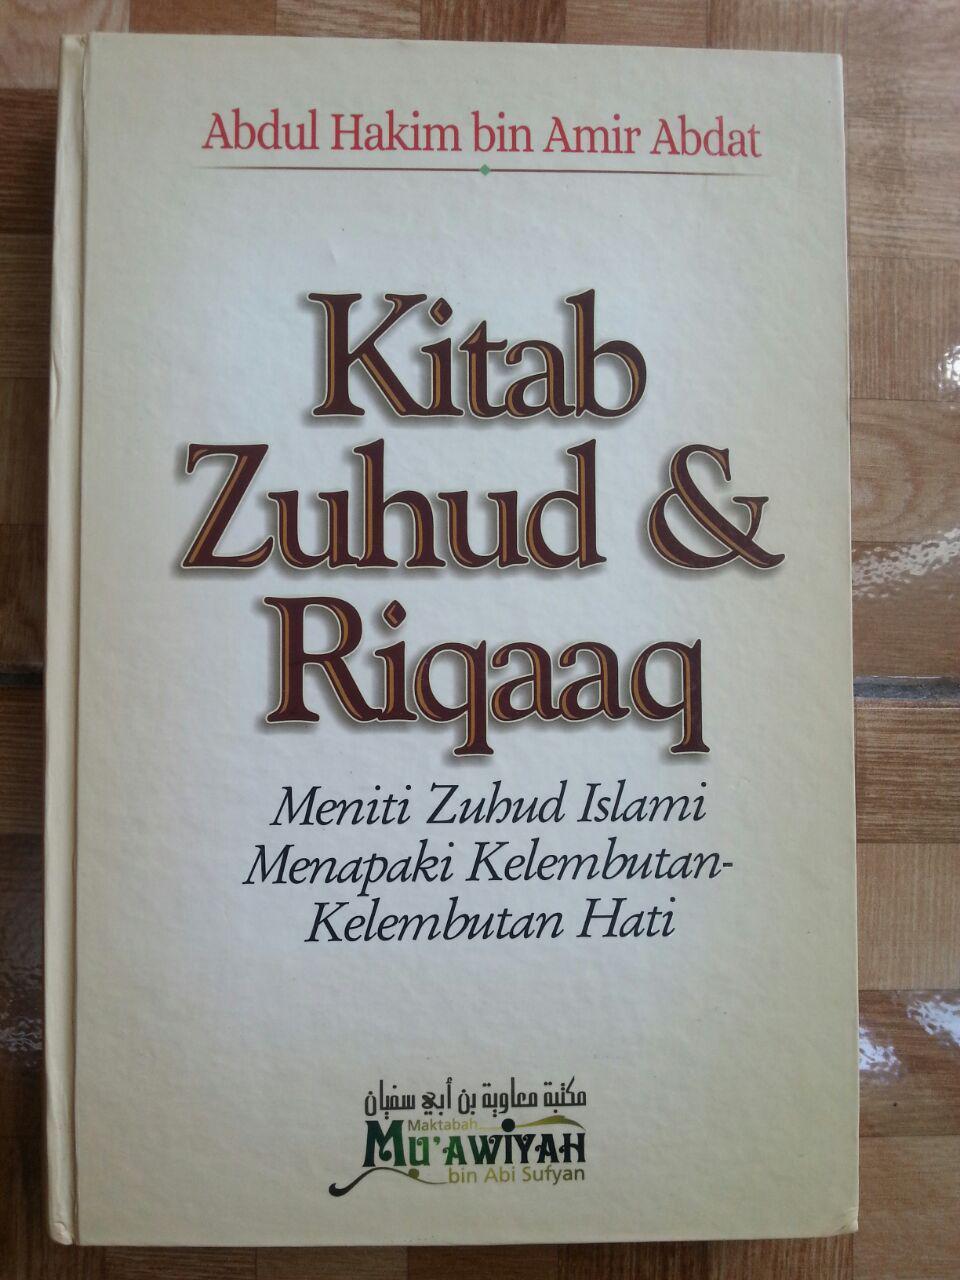 Buku Kitab Zuhud Dan Riqaa-iq cover 2